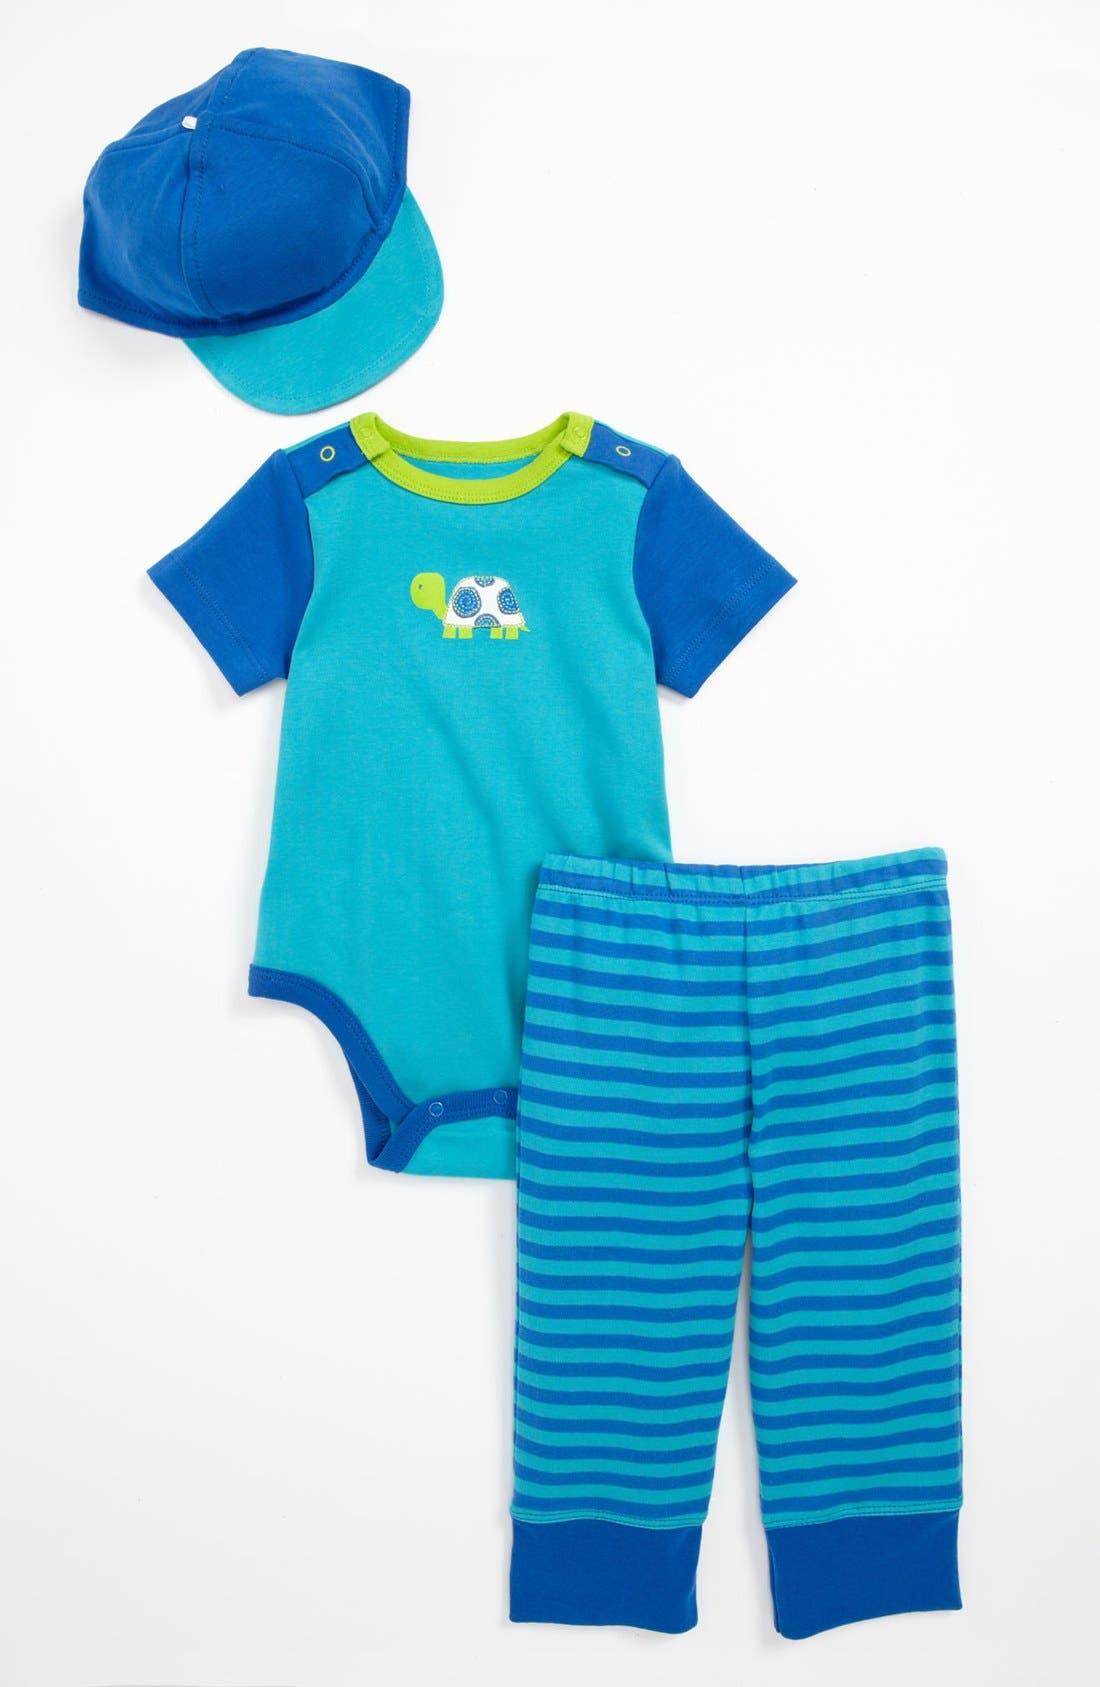 Main Image - Offspring 'Turtle' Bodysuit, Pants & Hat (Baby)